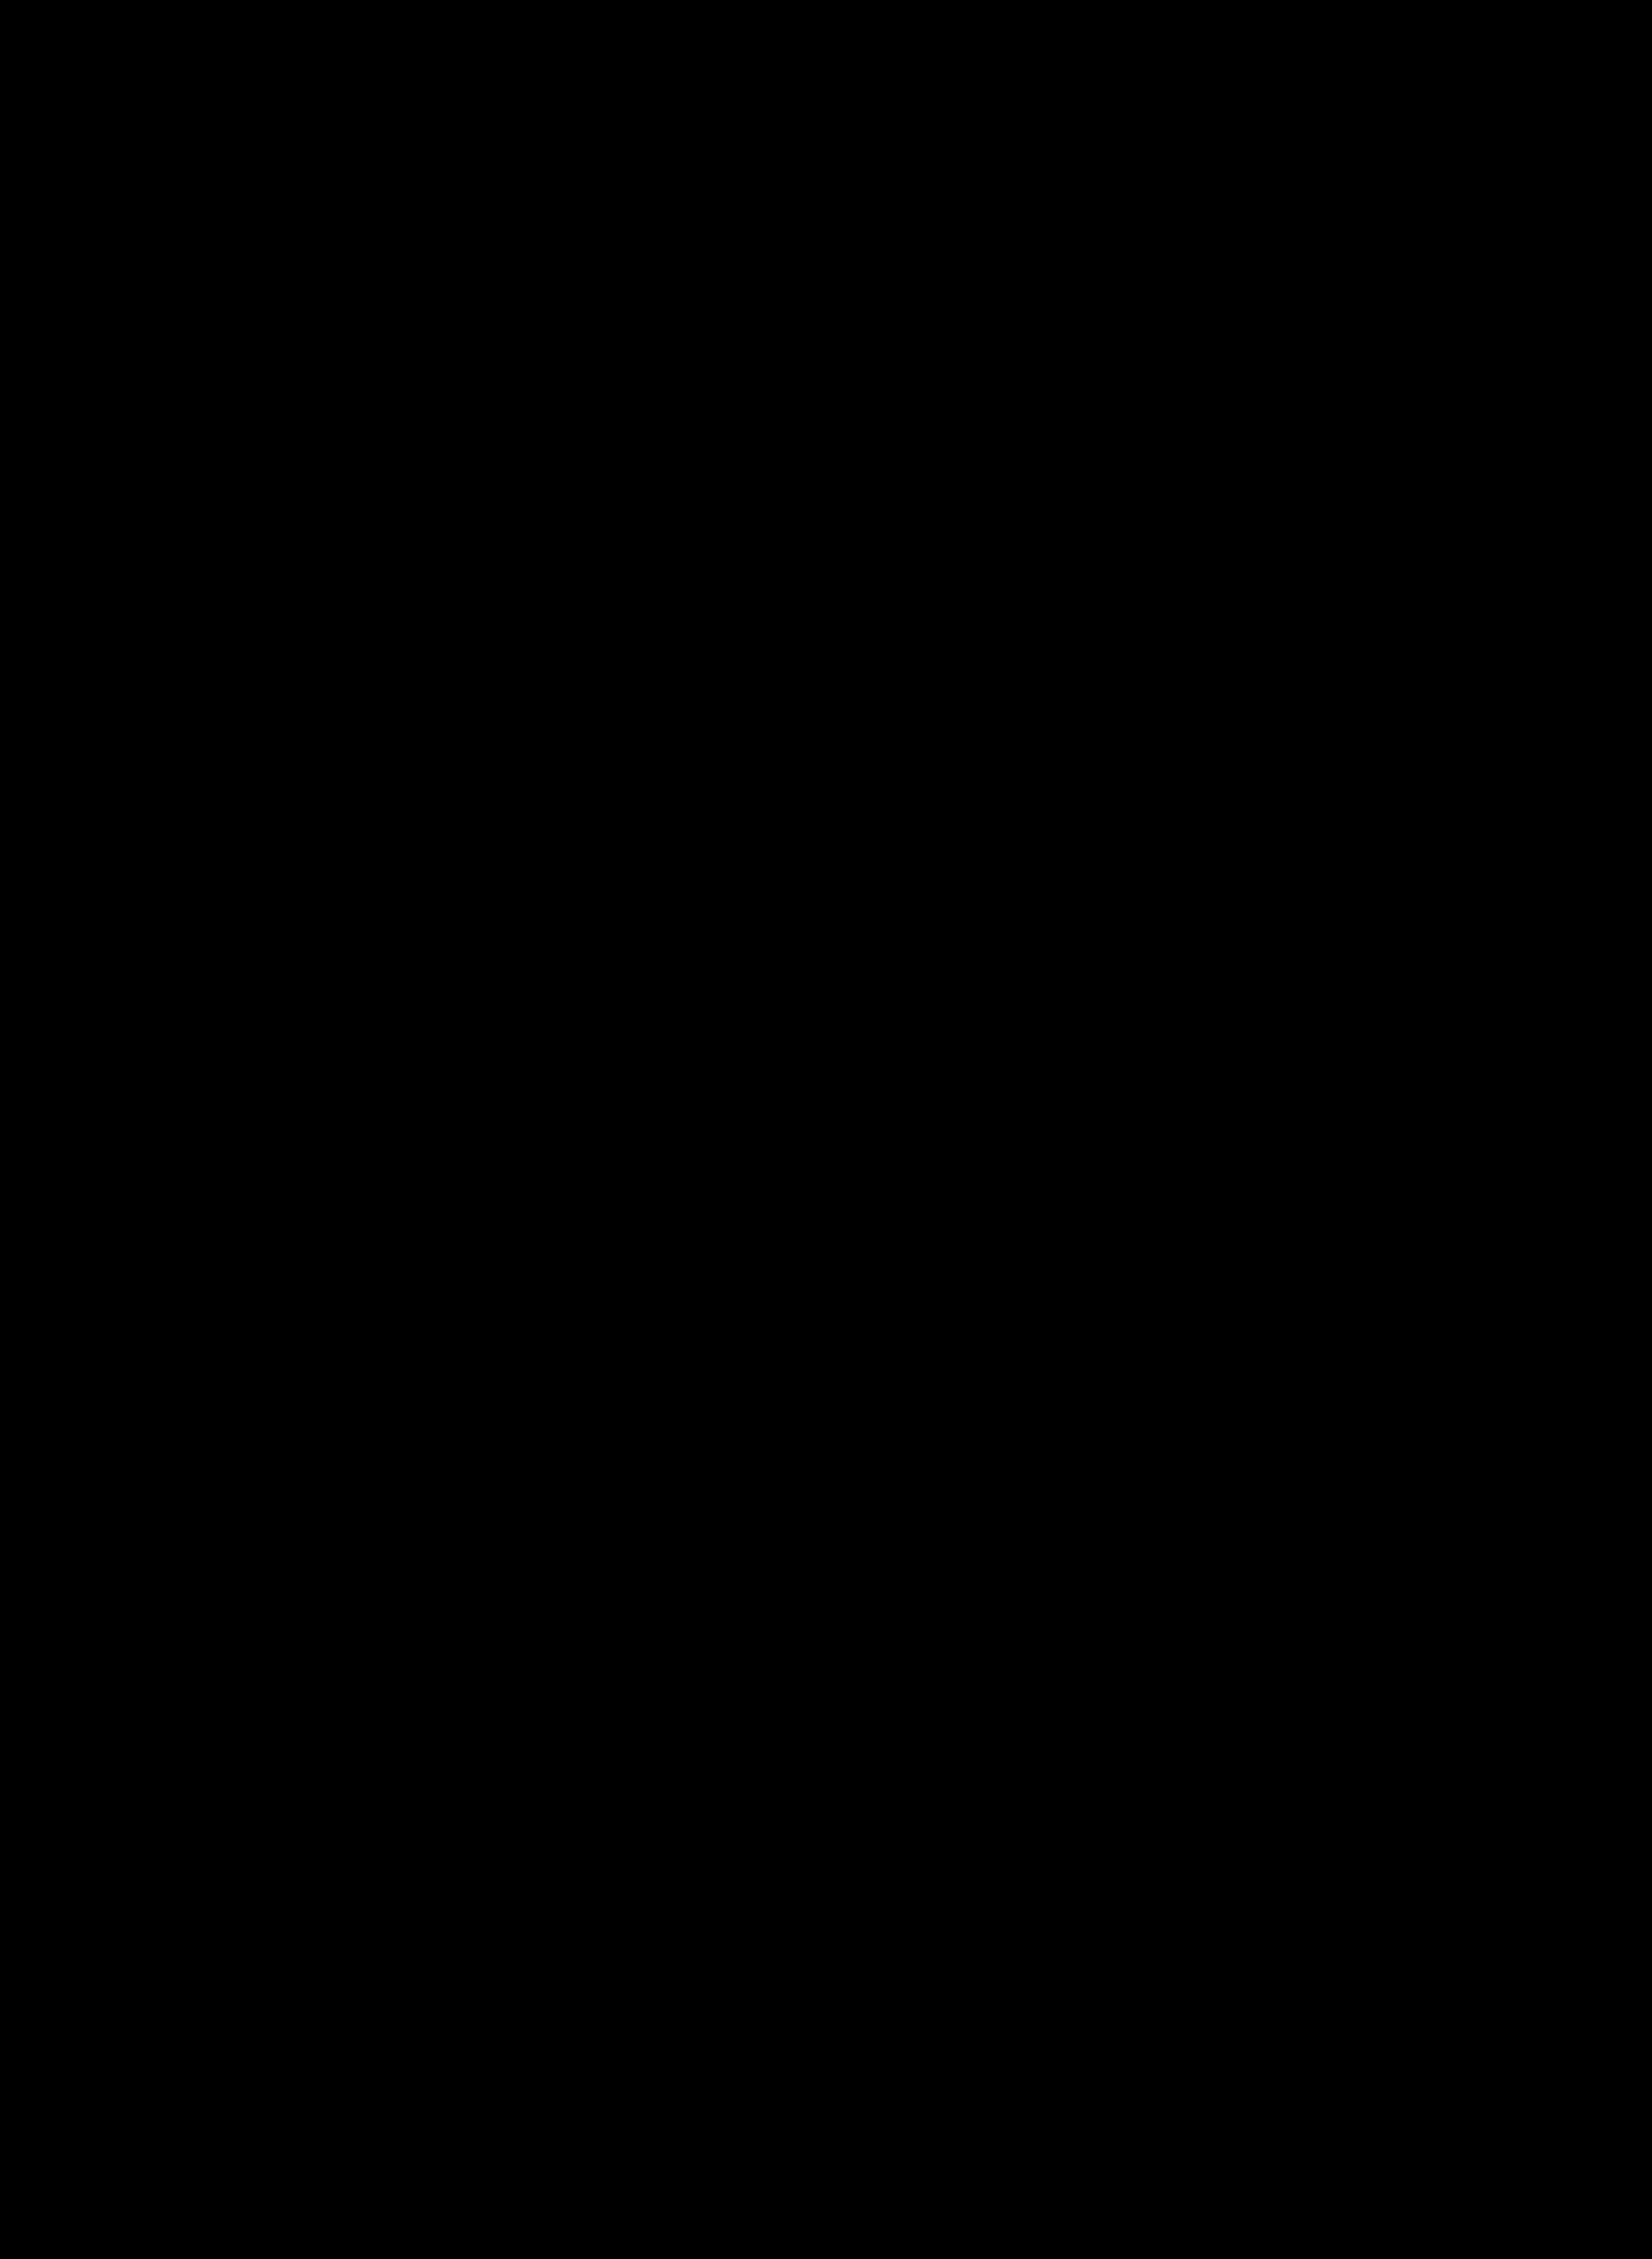 Parque Natural de Sierras de Cazorla, Segura y las Villas 2000